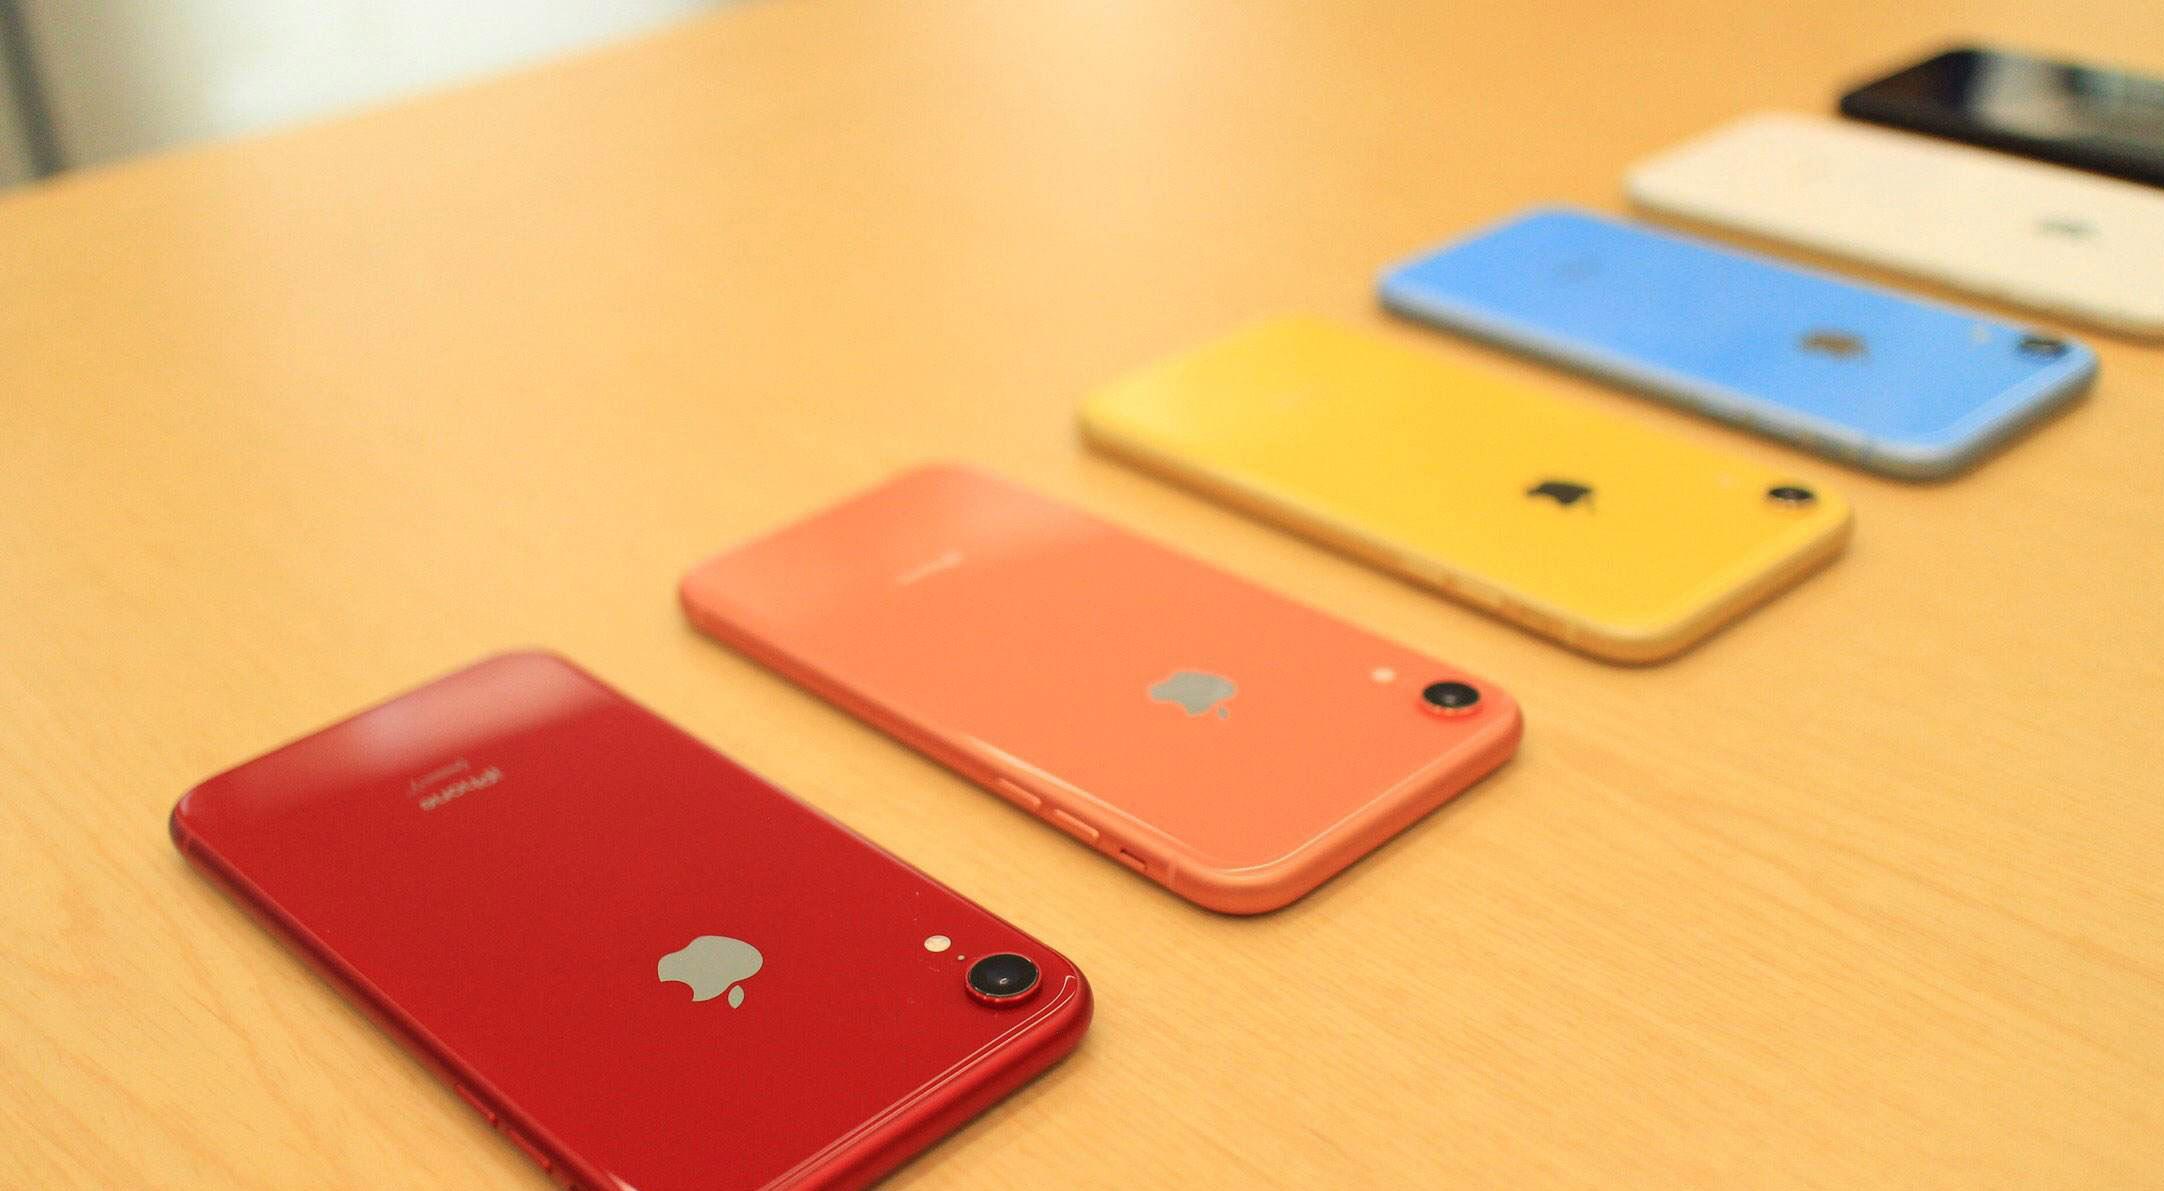 英国消费者权益组织:苹果过高估计多款 iPhone 电池续航时间